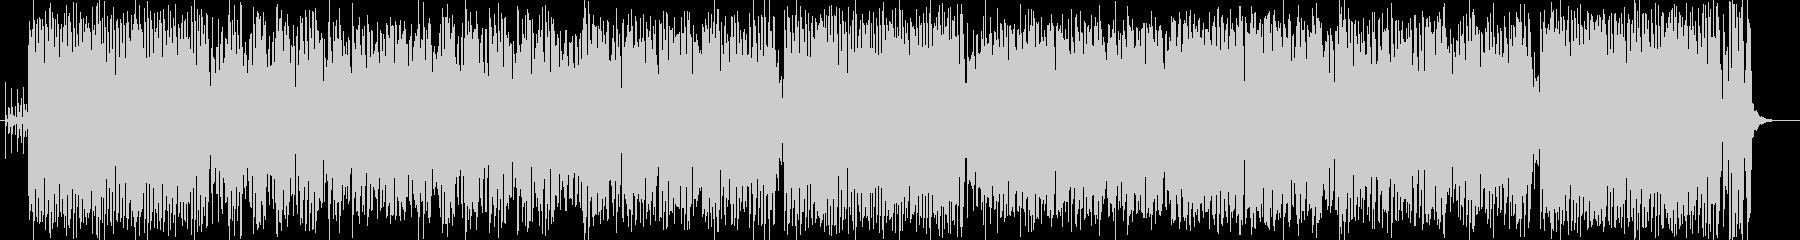 スティールパンの音色が陽気なラテンポップの未再生の波形